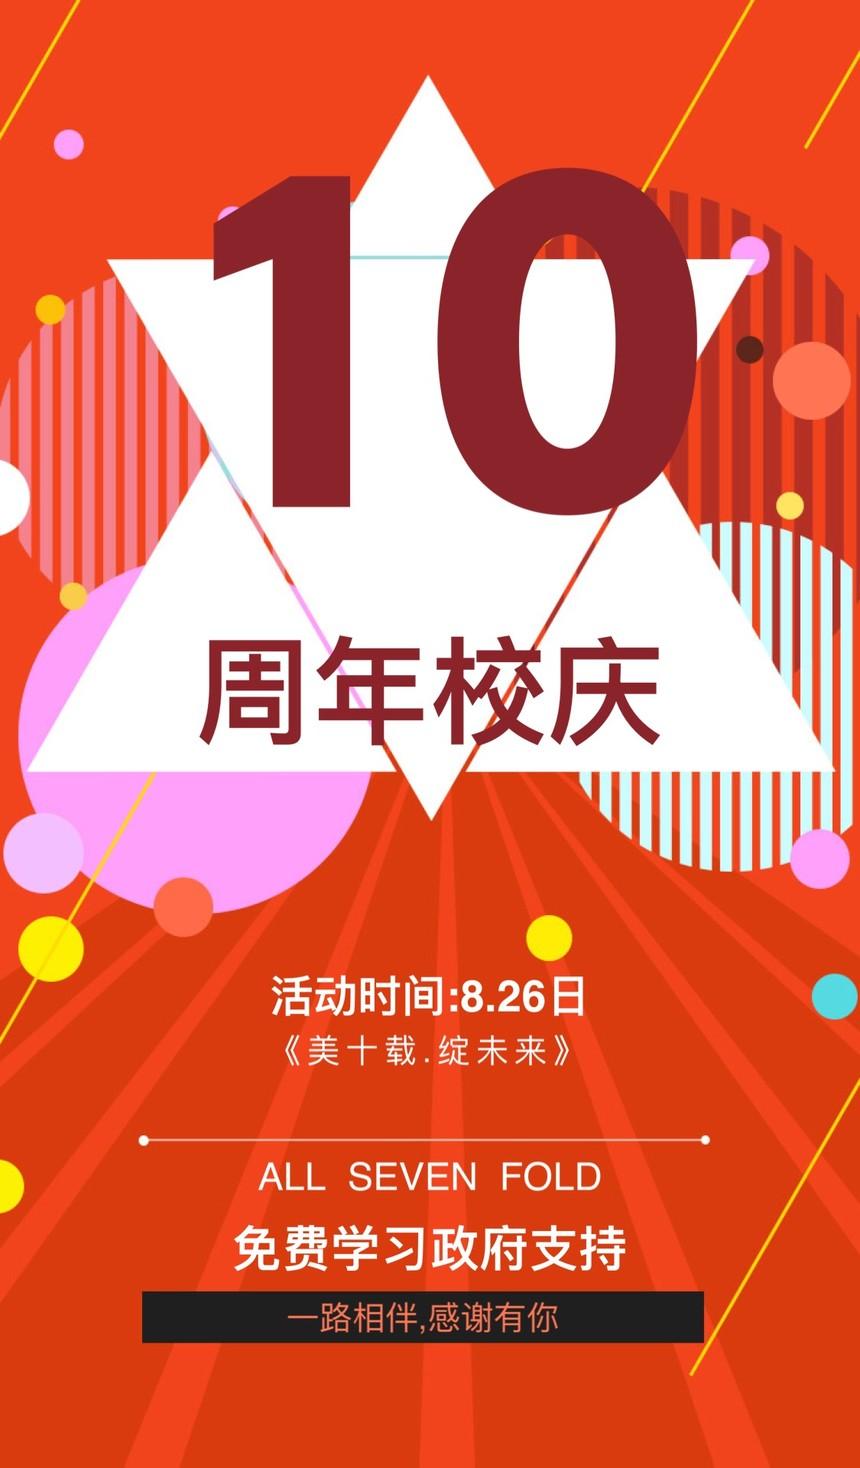 【时尚魅影】十周年校庆,美十载 . 绽未来